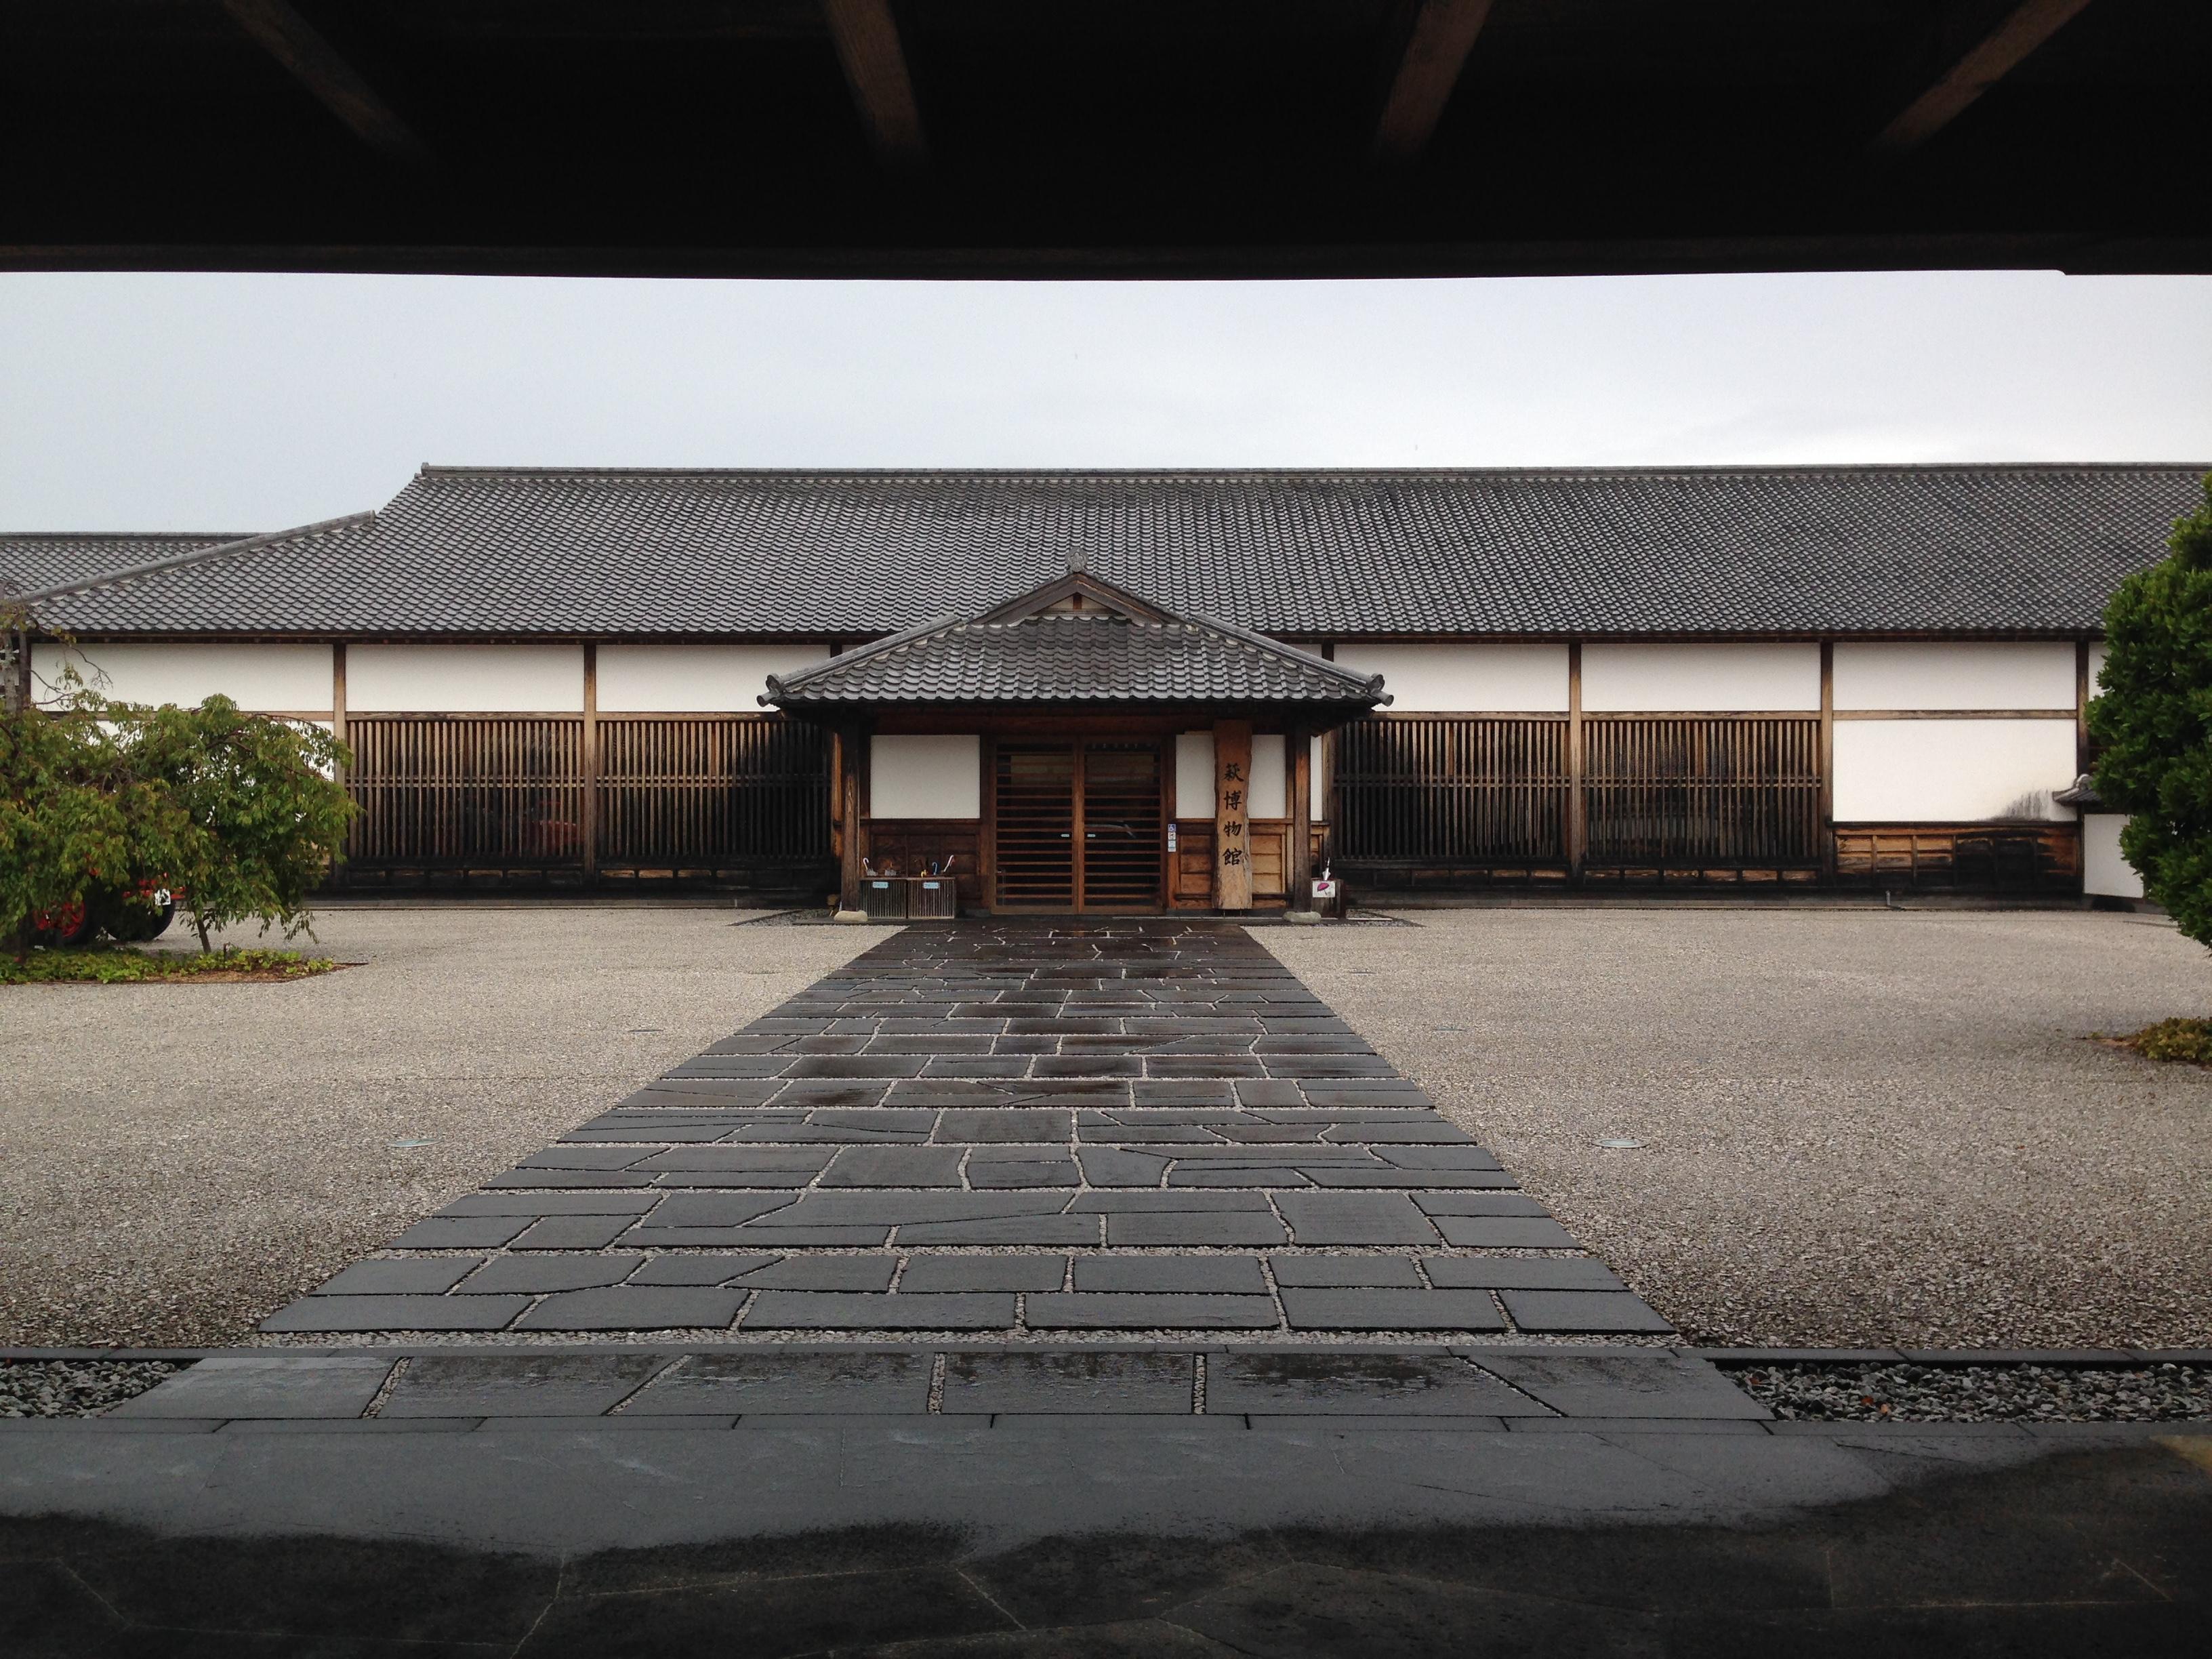 「日本の工学の父 山尾庸三」(萩博物館)